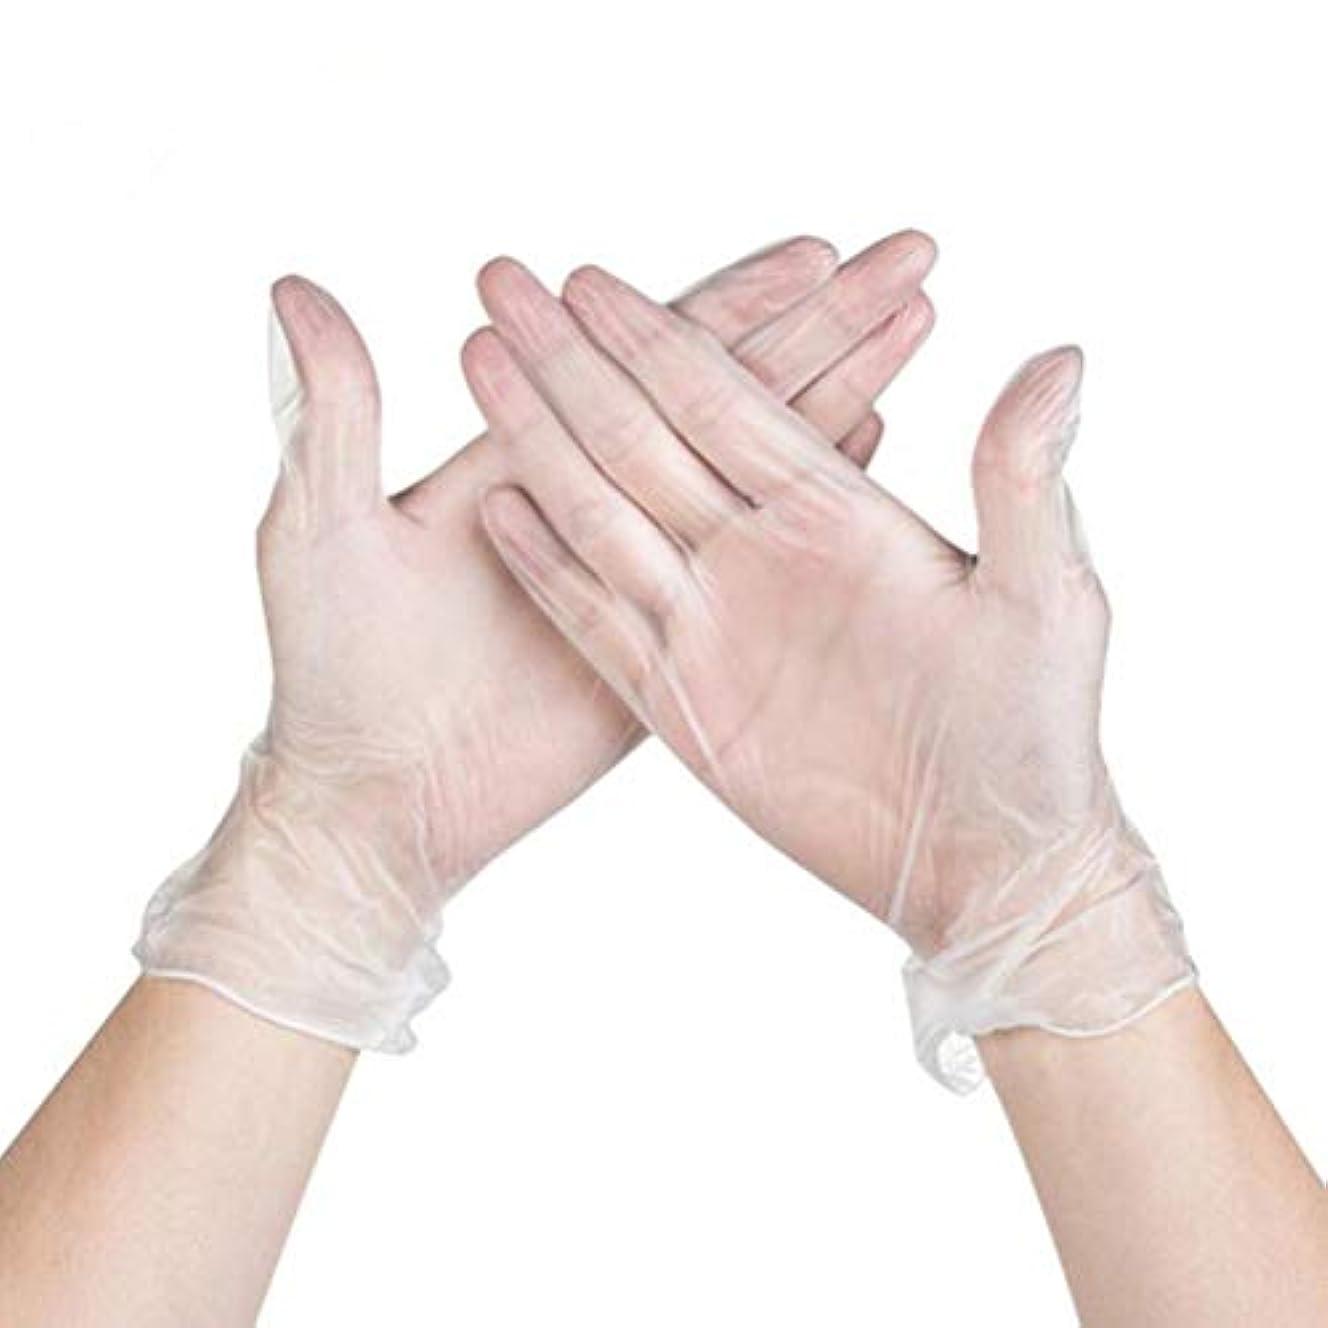 船サッカーUPKOCH 透明使い捨てタトゥー手袋ニトリル手袋メディカルクリーニングキッチン調理手袋1個